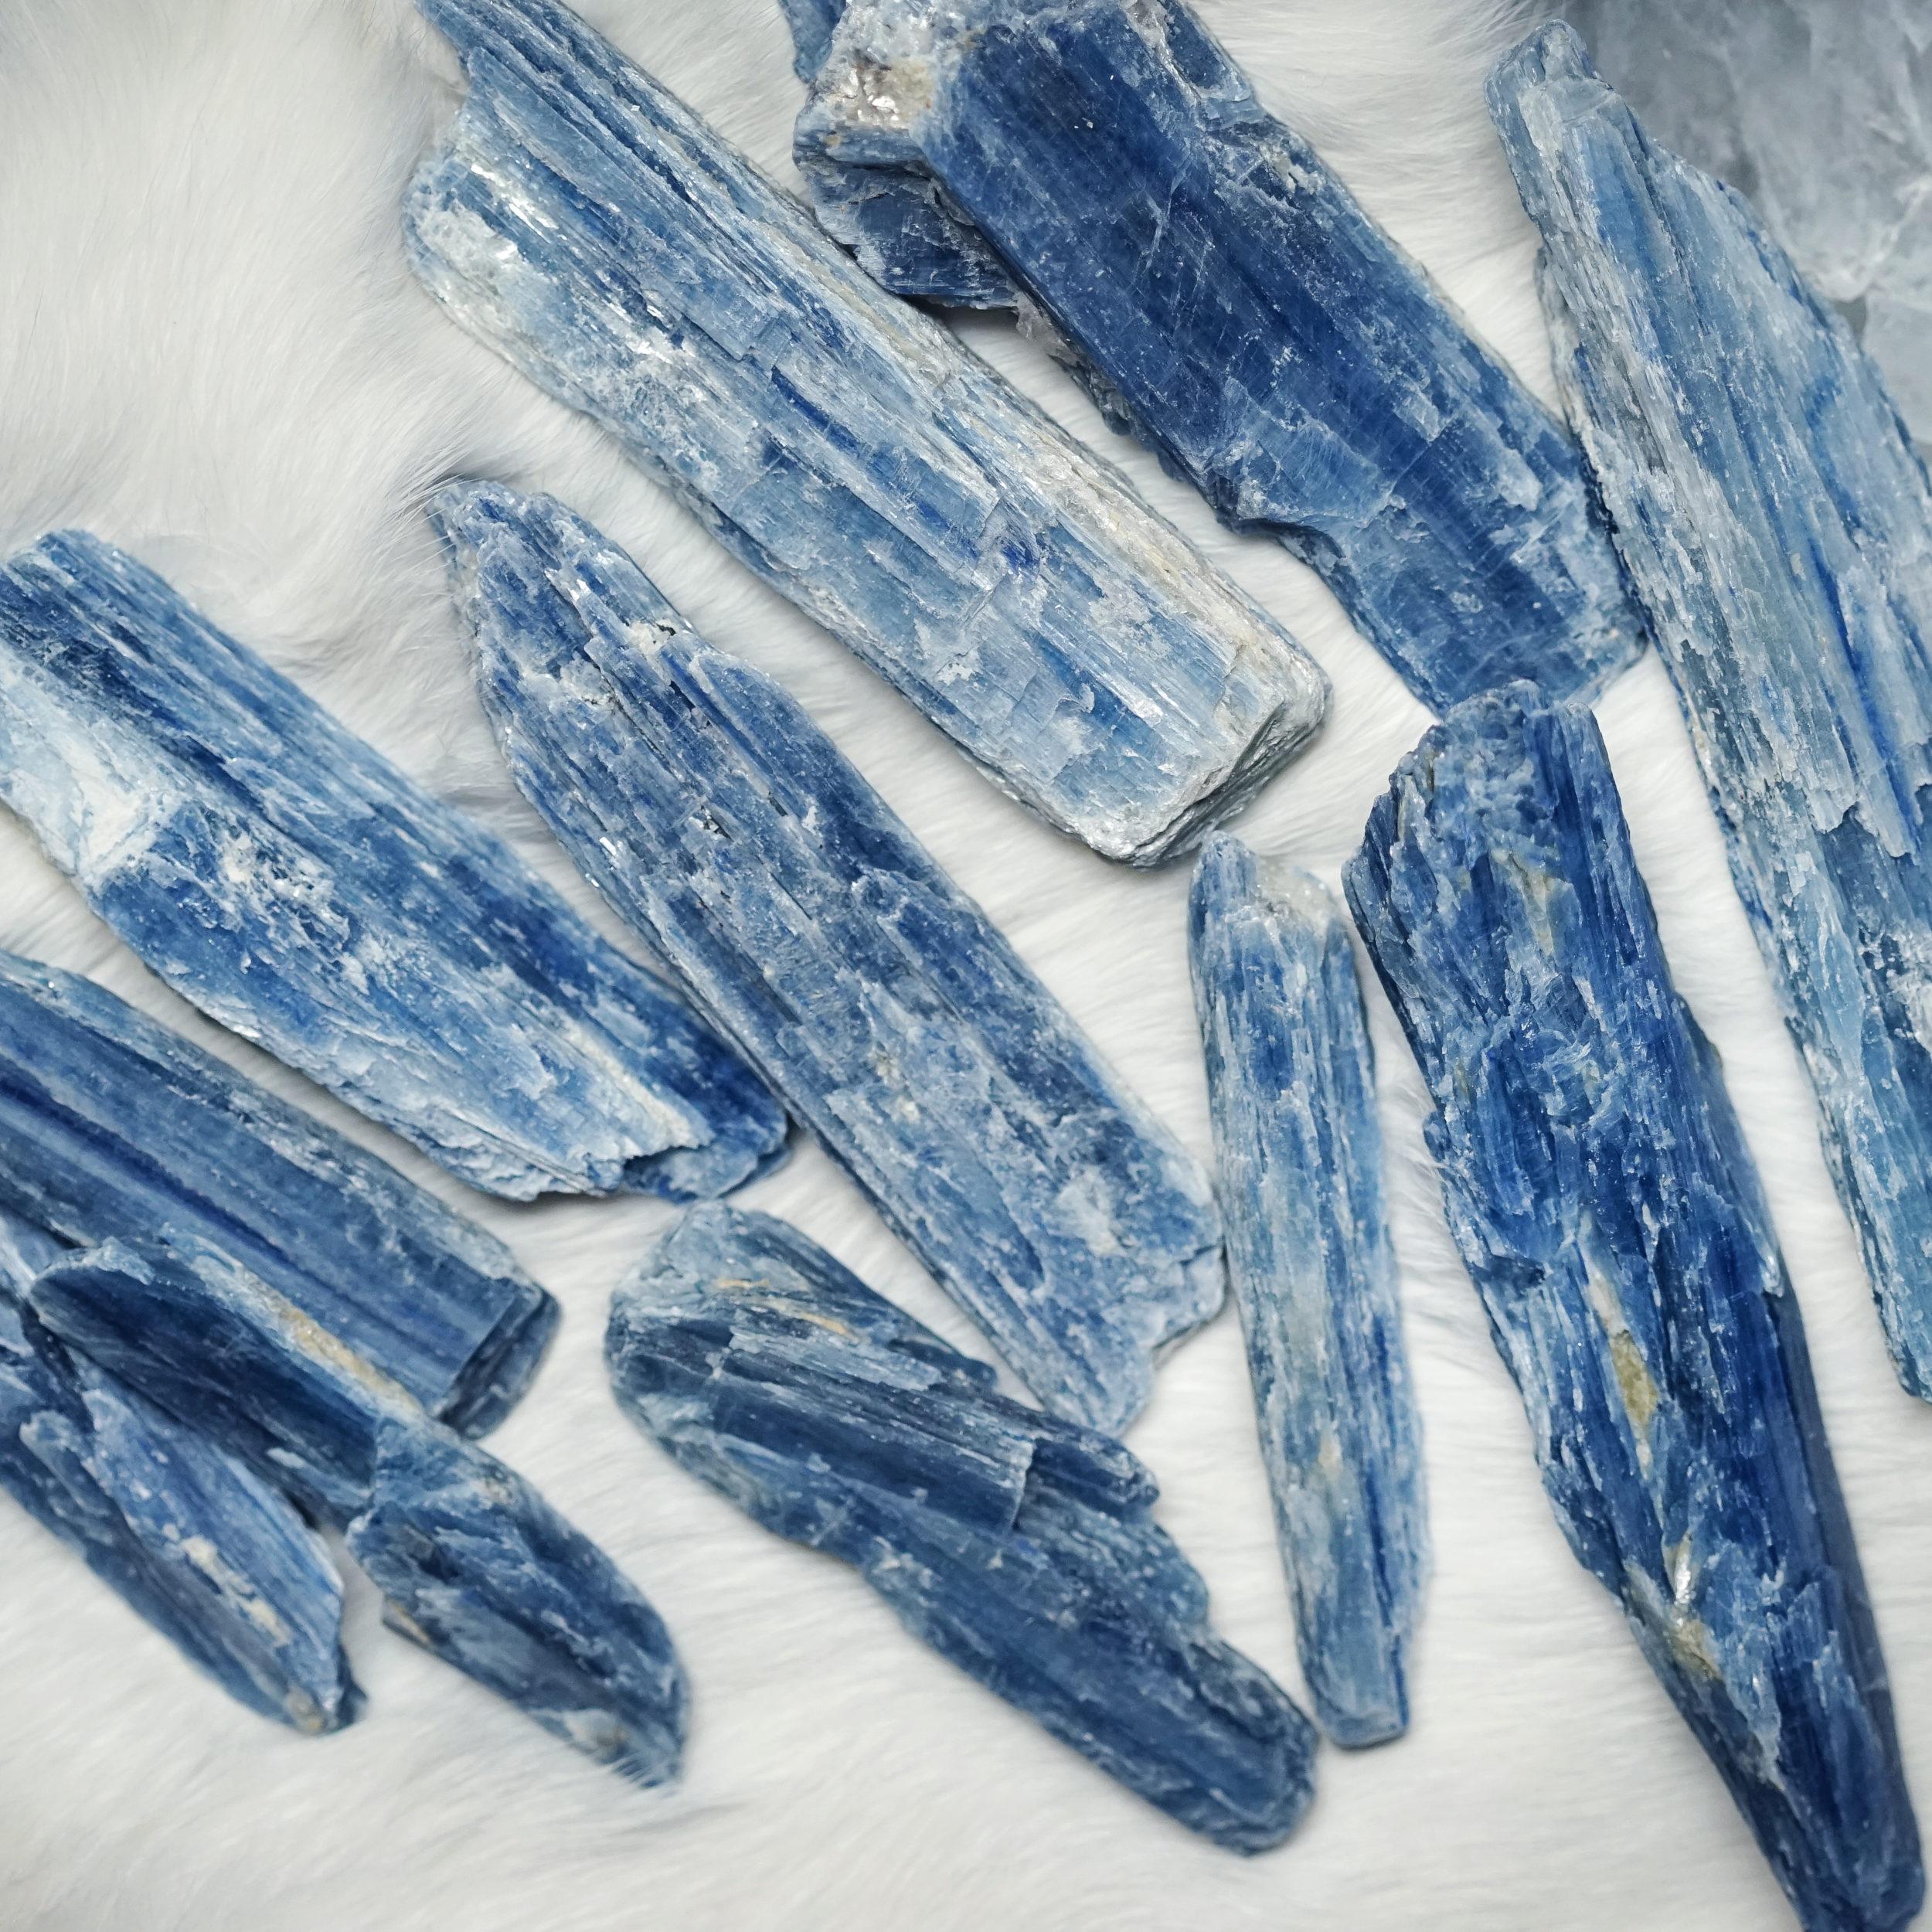 bluekyanite2.jpg